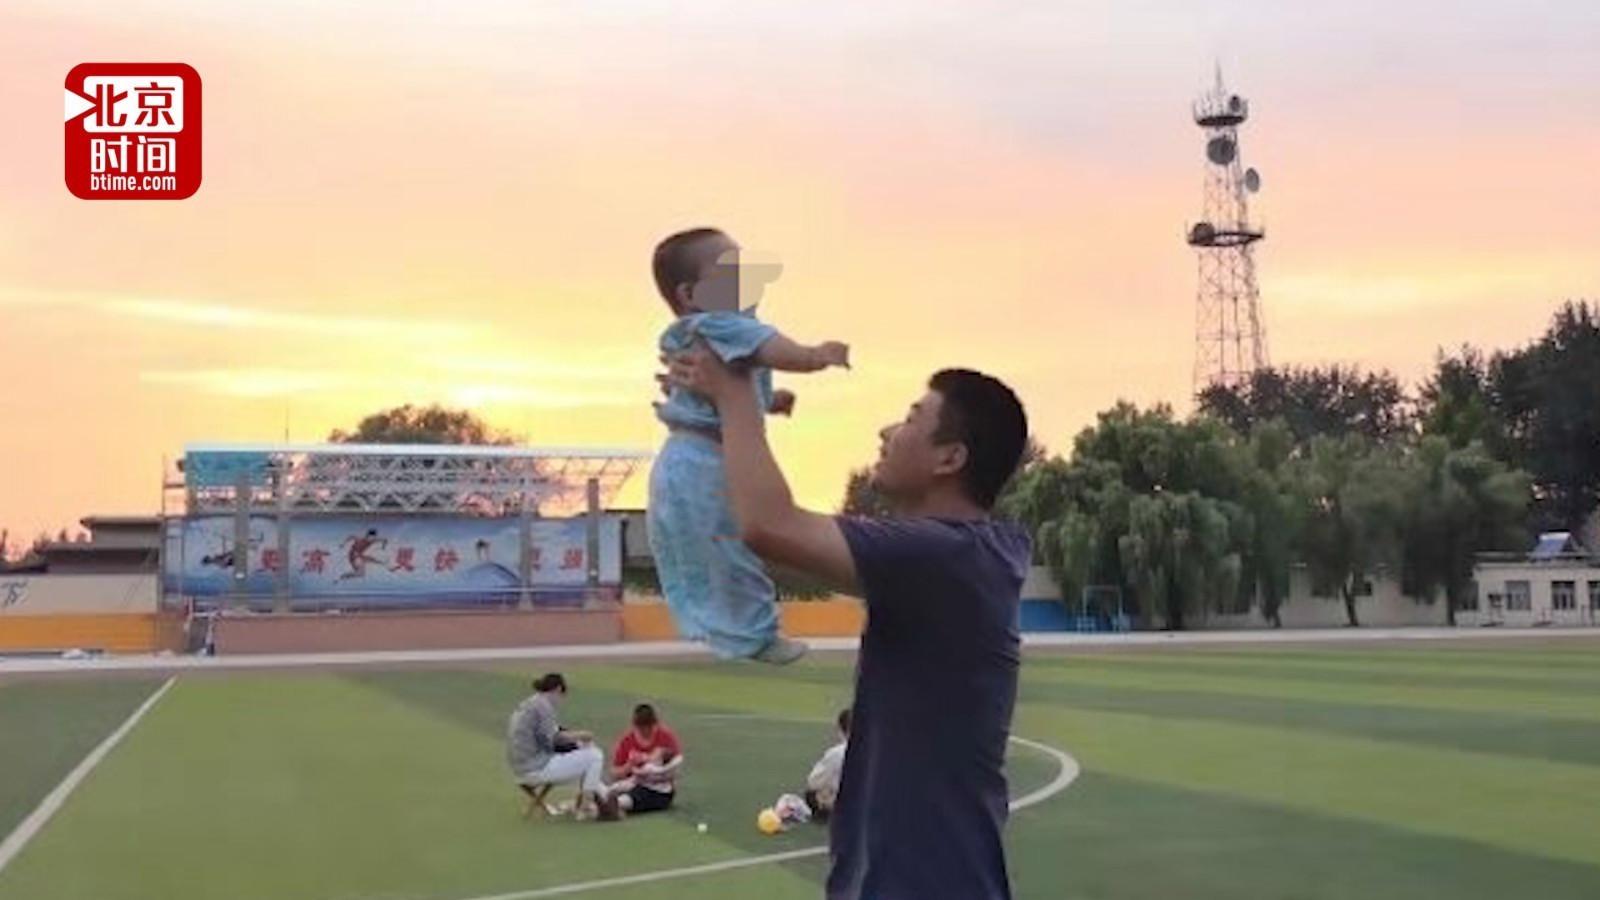 26岁戒毒警遇车祸生日当天去世 没等到8个月的儿子叫他一声爸爸